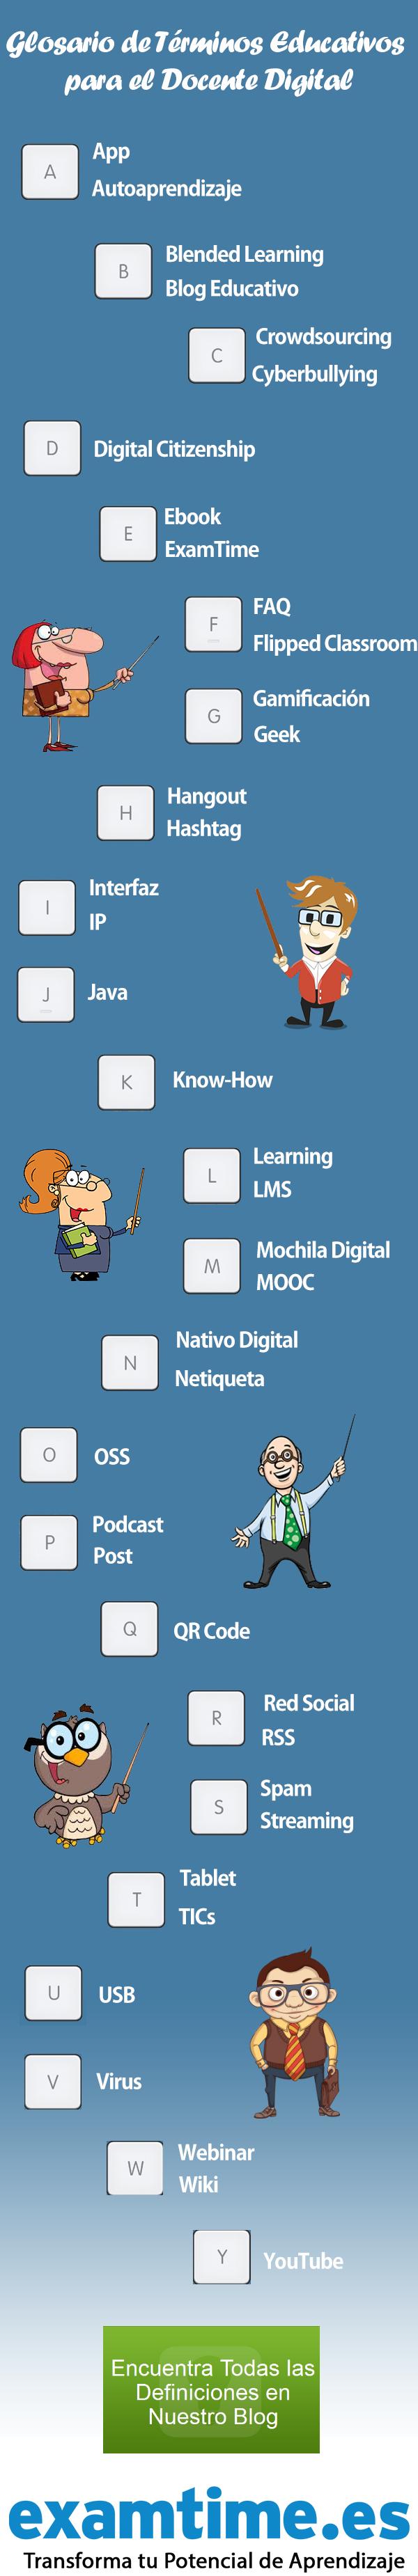 Glosario de Términos Educativos para el Docente Digital